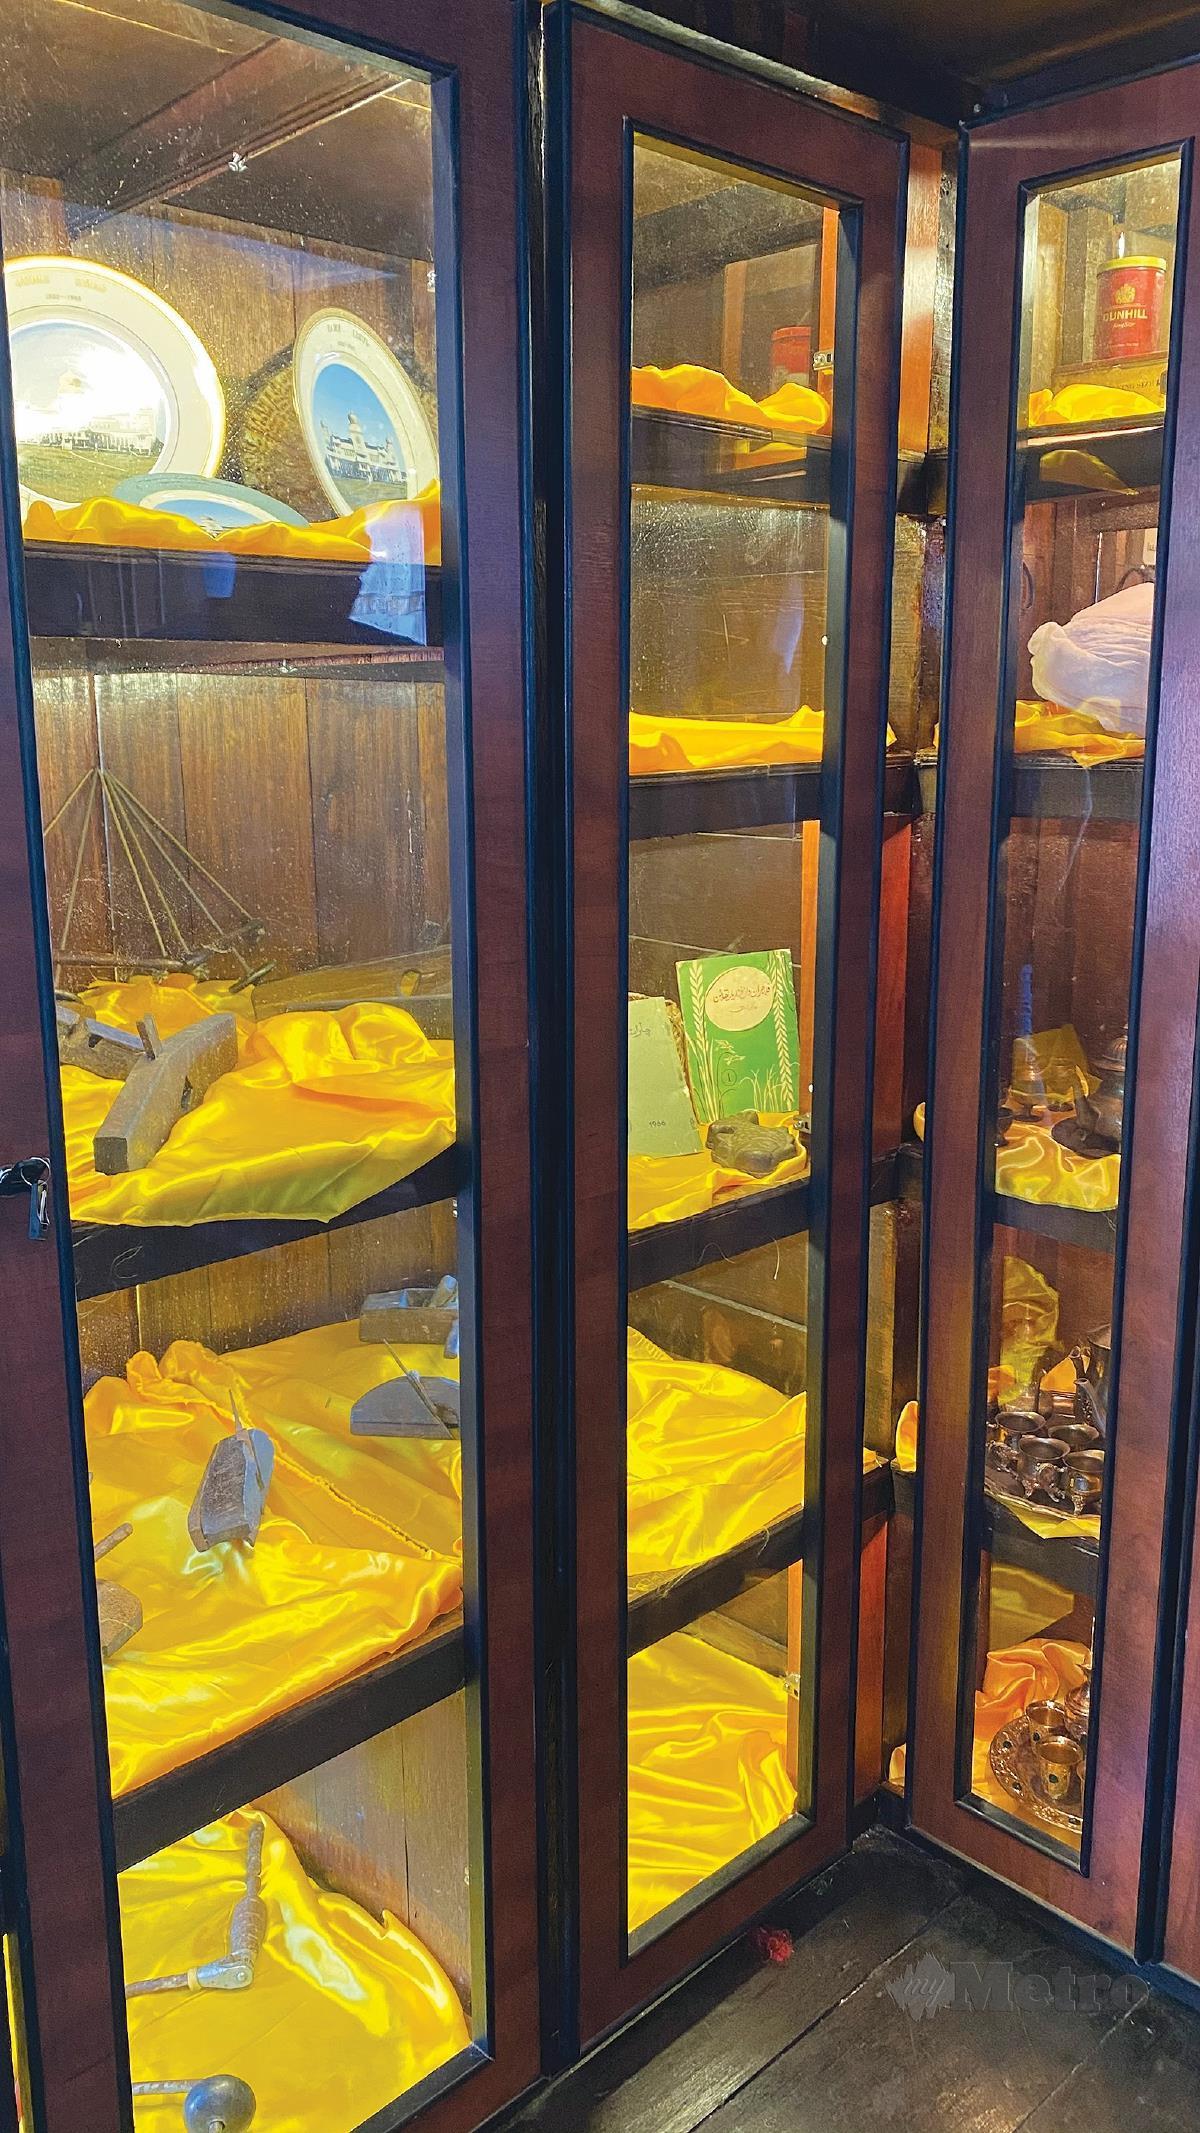 PELBAGAI barangan antik disusun kemas di dalam almari pameran.